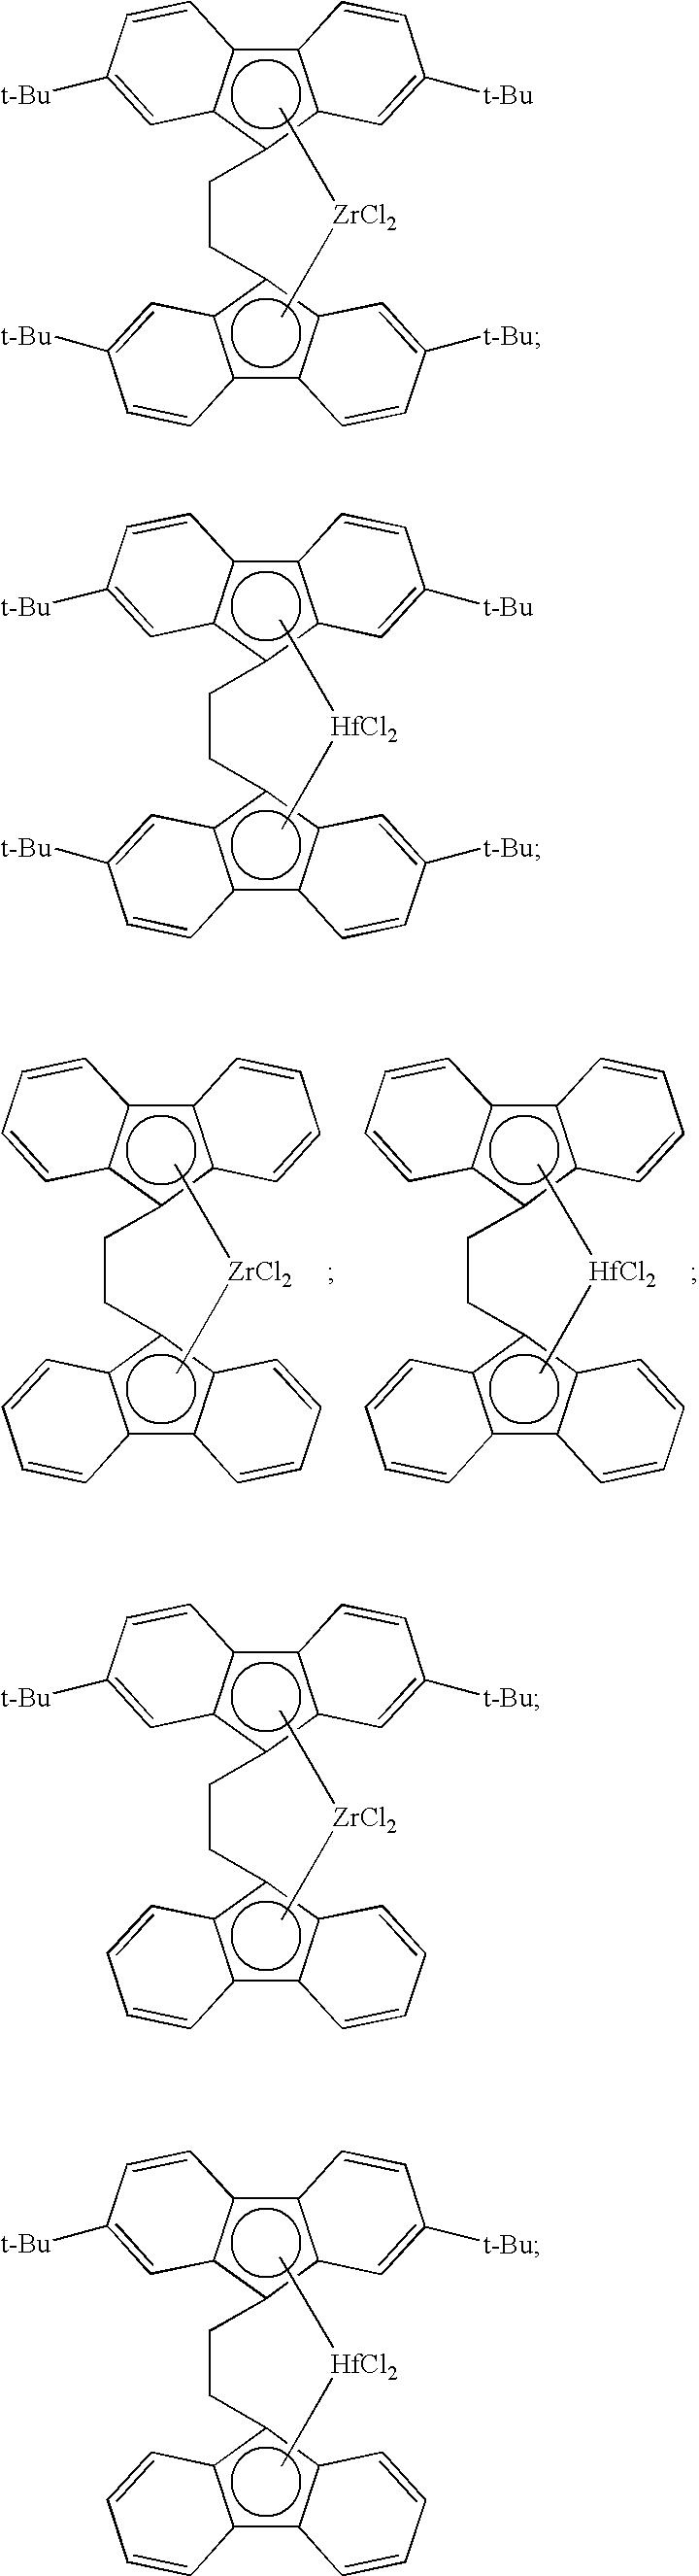 Figure US08329834-20121211-C00026